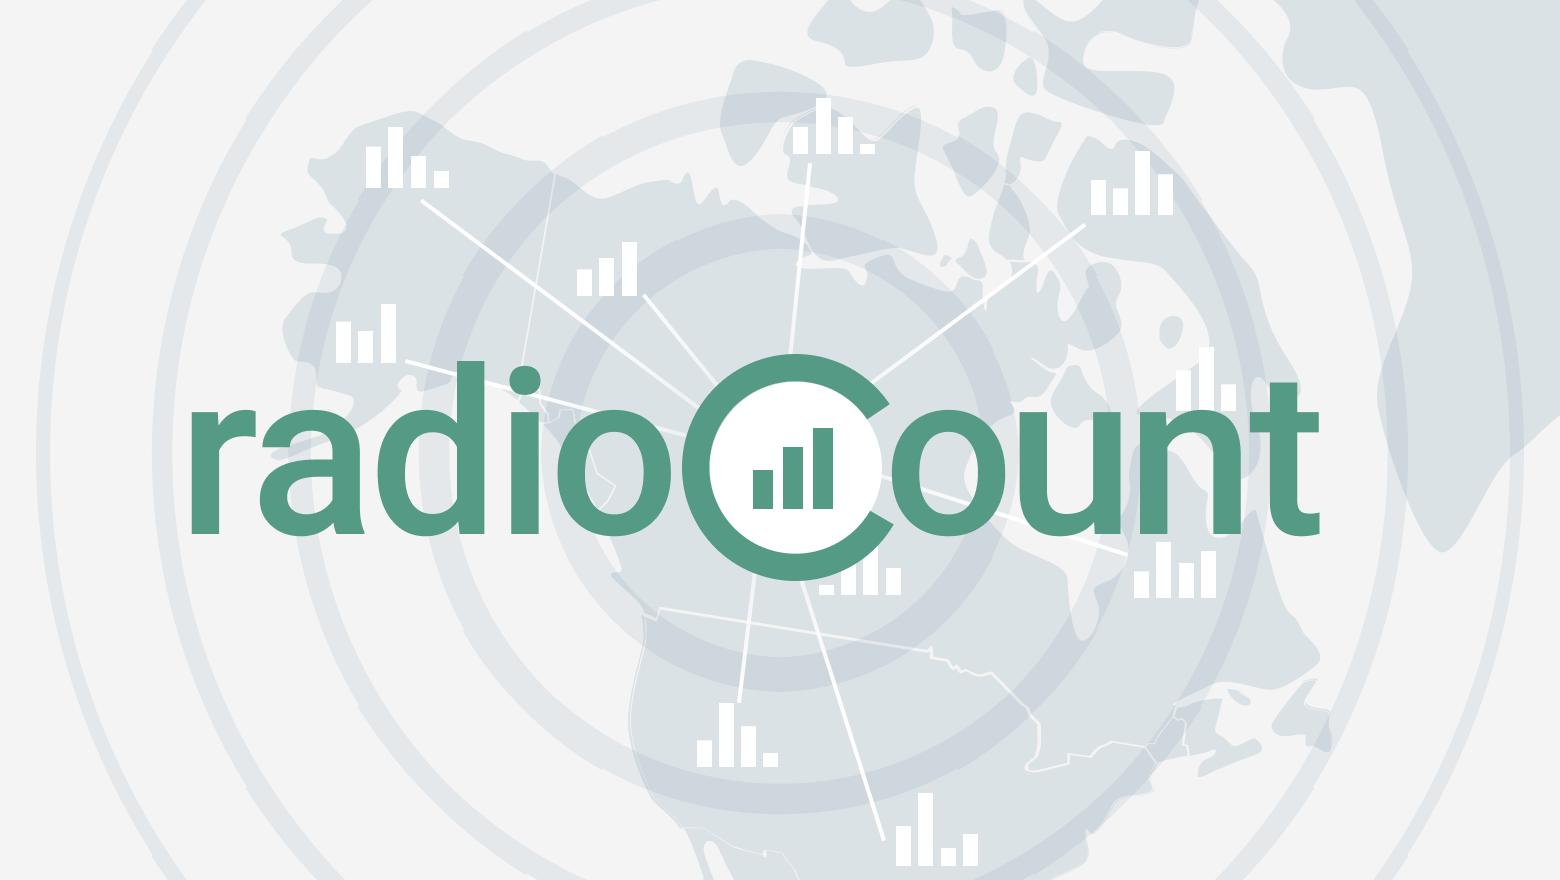 radiocount-services